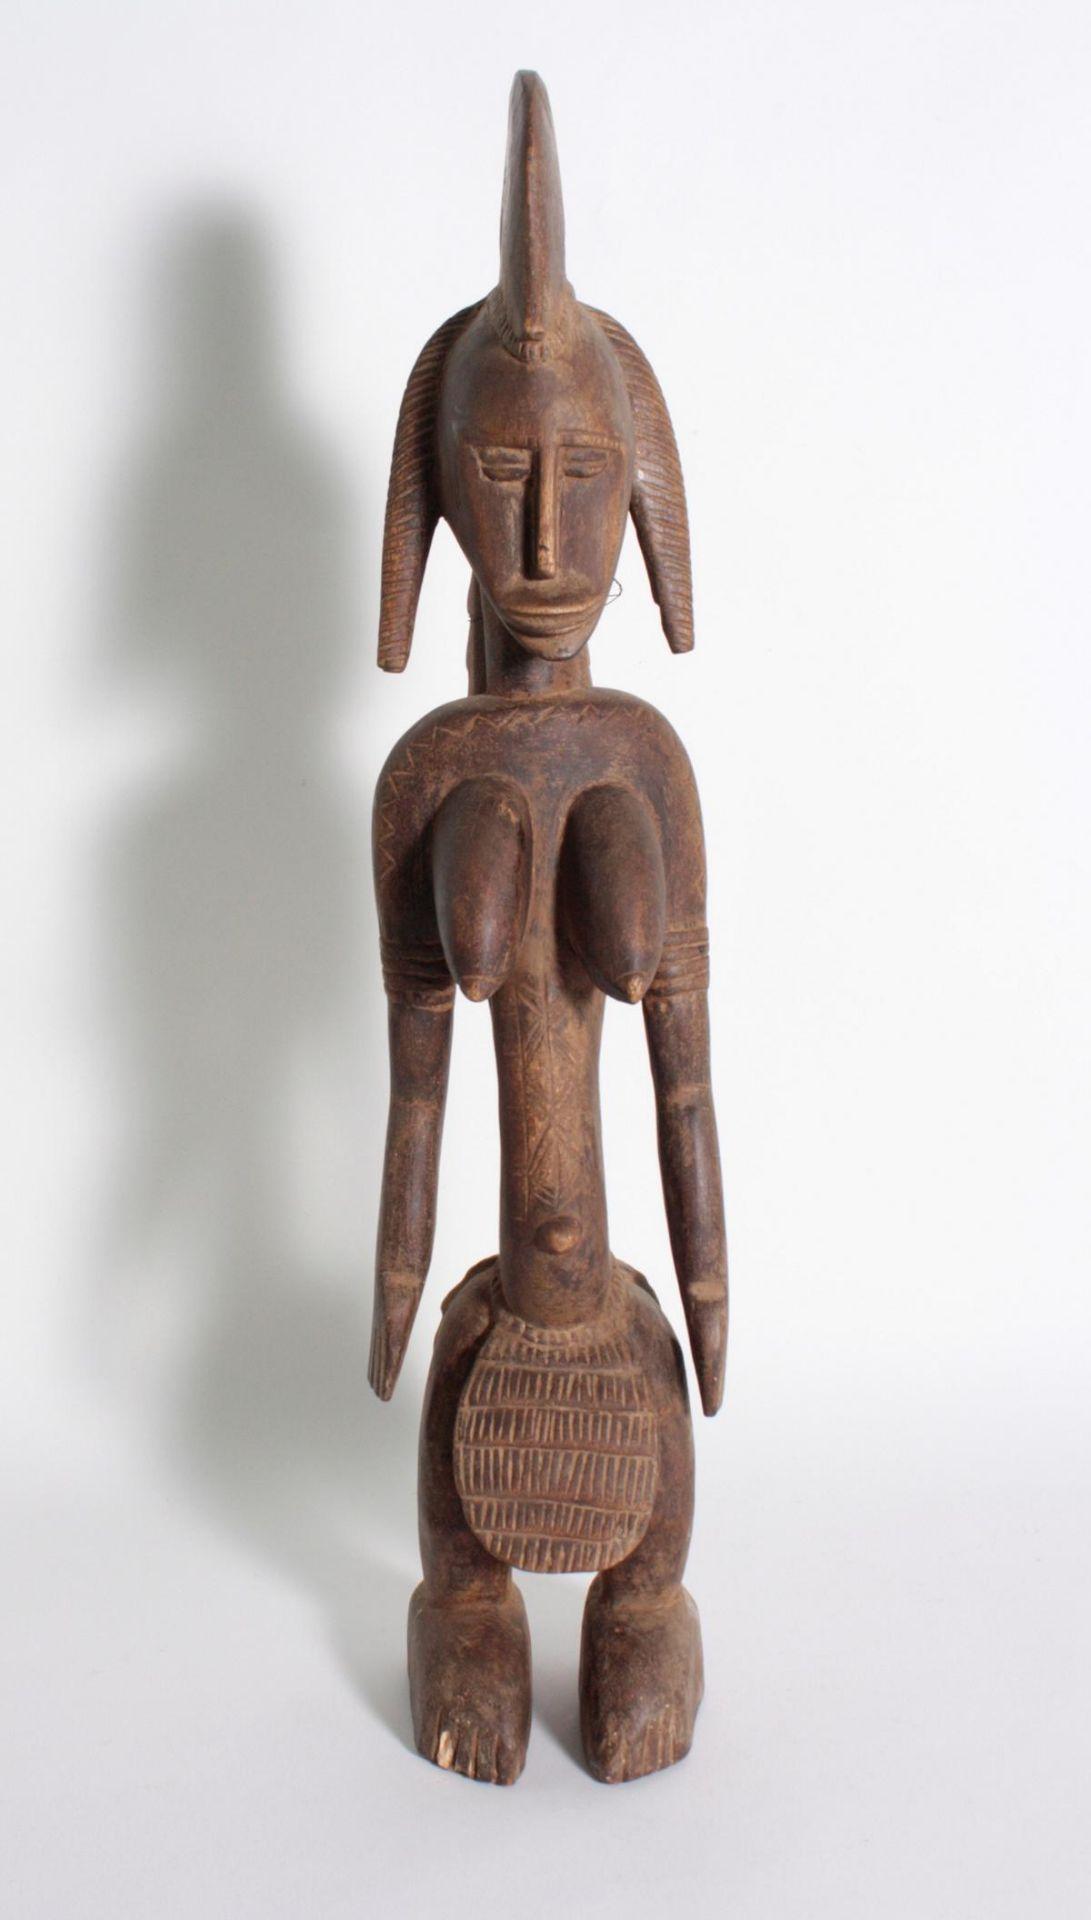 Stehende Frauenfigur, Senufo/Elfenbeinküste, 1. Hälfte 20. Jh.Bräunliches Holz. Stehende Frauenfigur